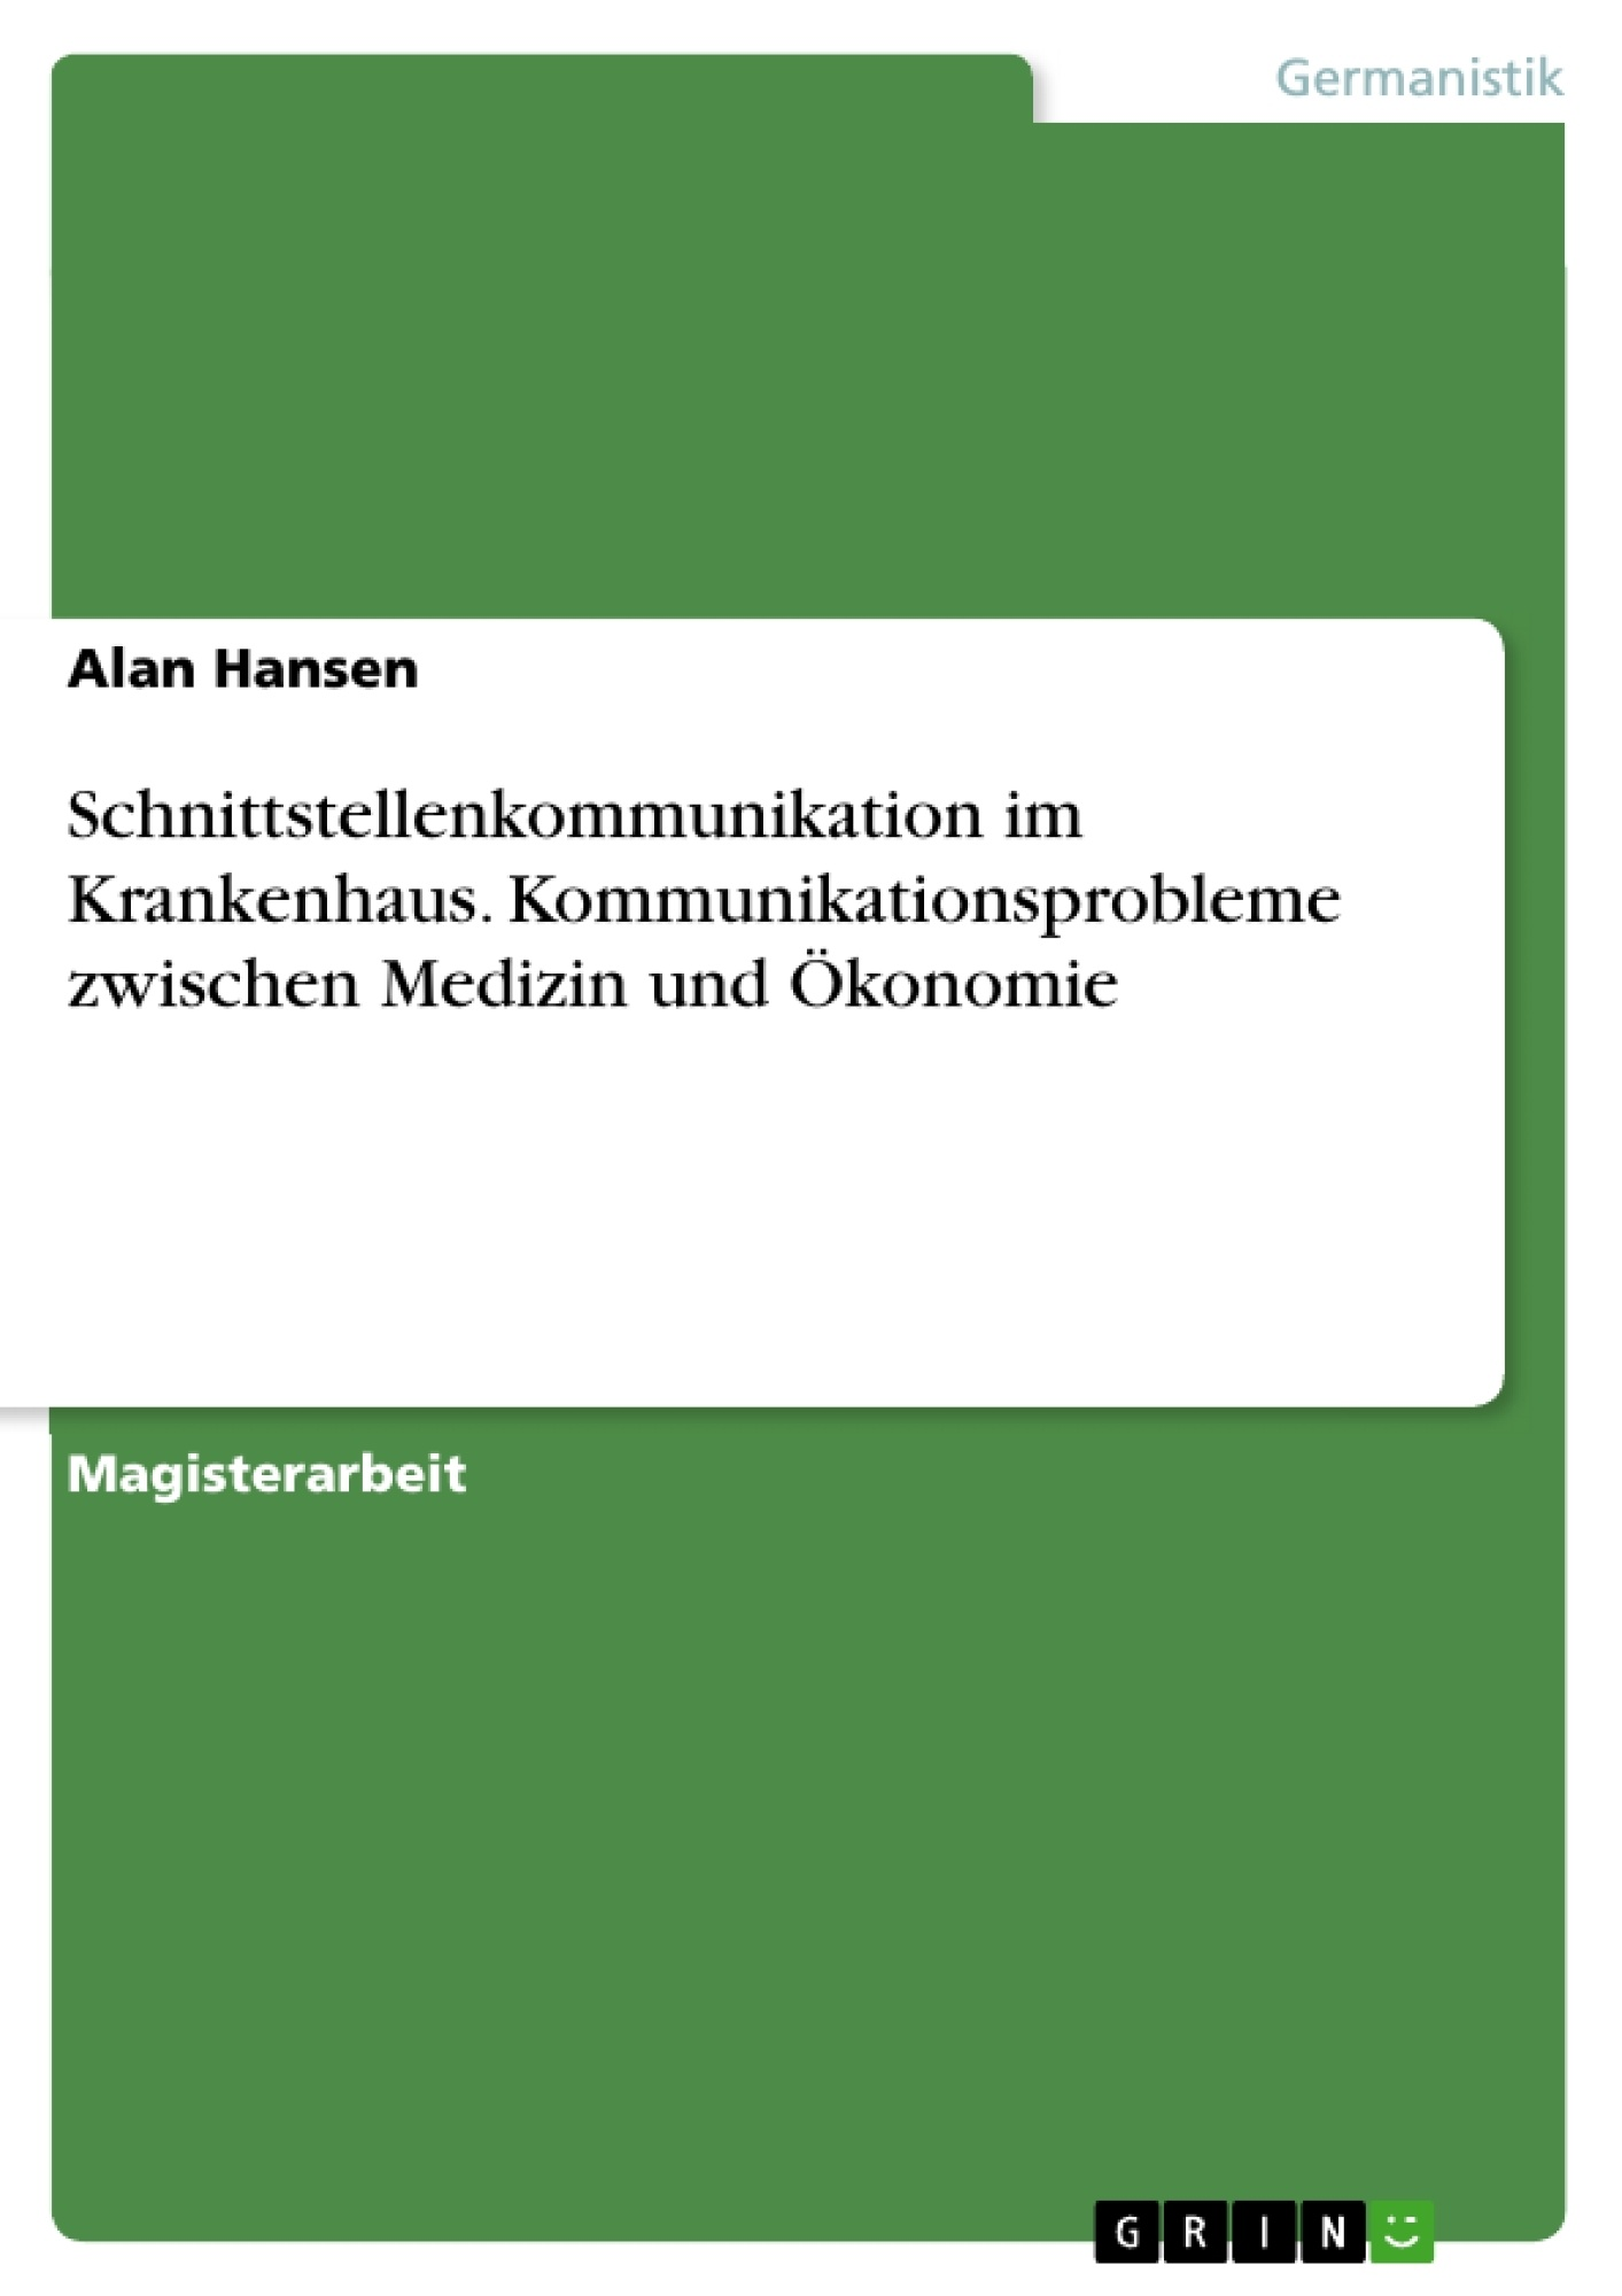 Titel: Schnittstellenkommunikation im Krankenhaus. Kommunikationsprobleme zwischen Medizin und Ökonomie